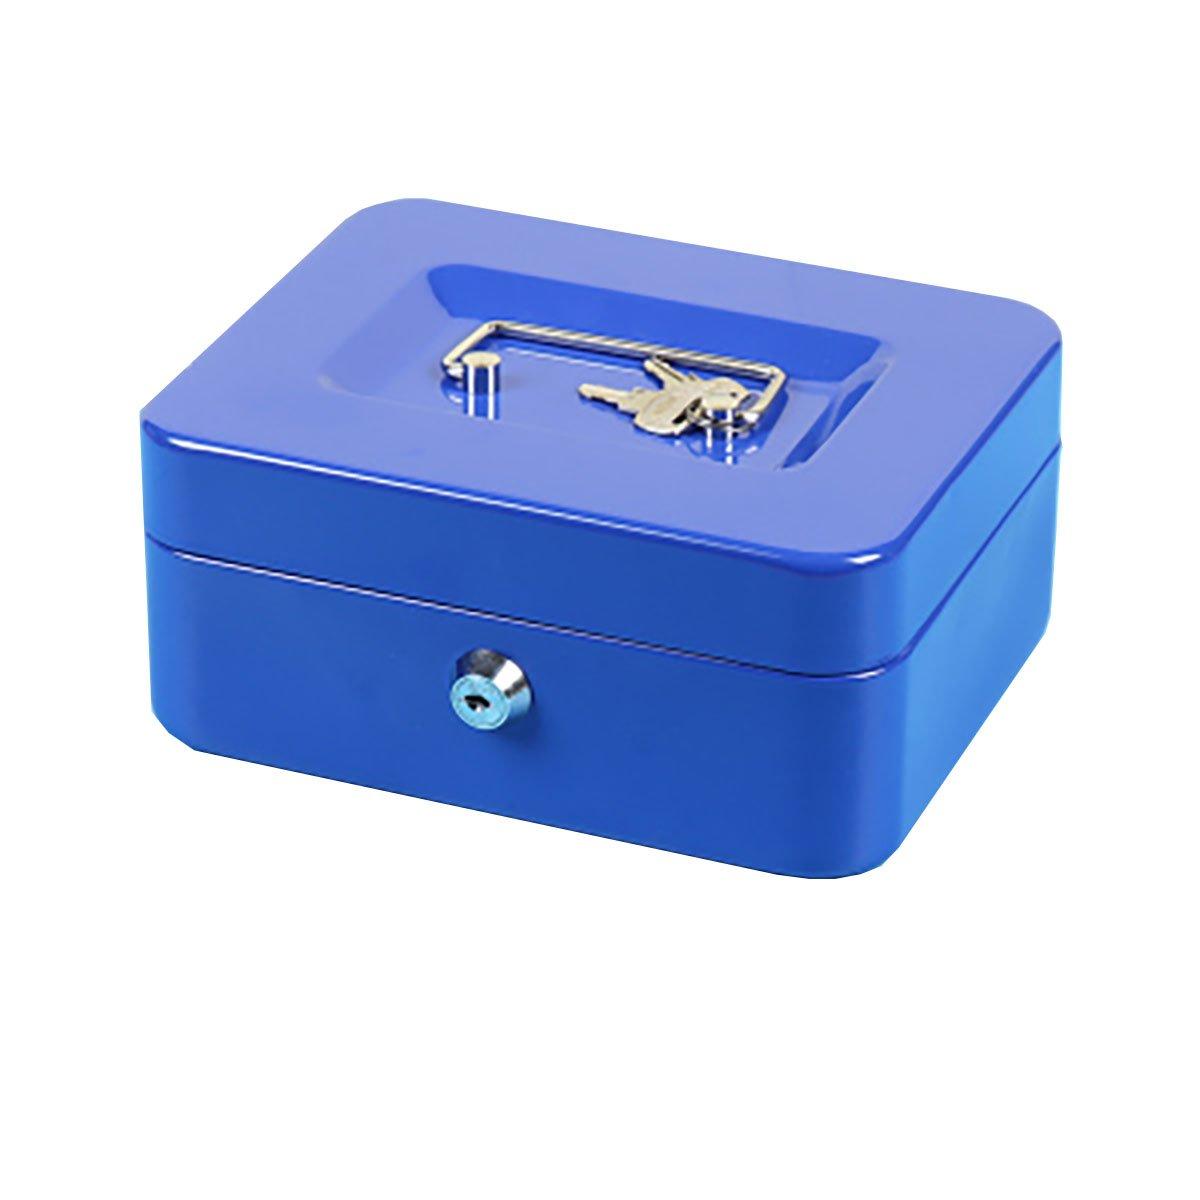 KCB-603 Geldkiste Geldkassette abschliessbar 150 * 120 * 75mm Geldkassette Metall Transportkassette Kasse Tresor Geldkasse abschließ bar Blau LinQ®